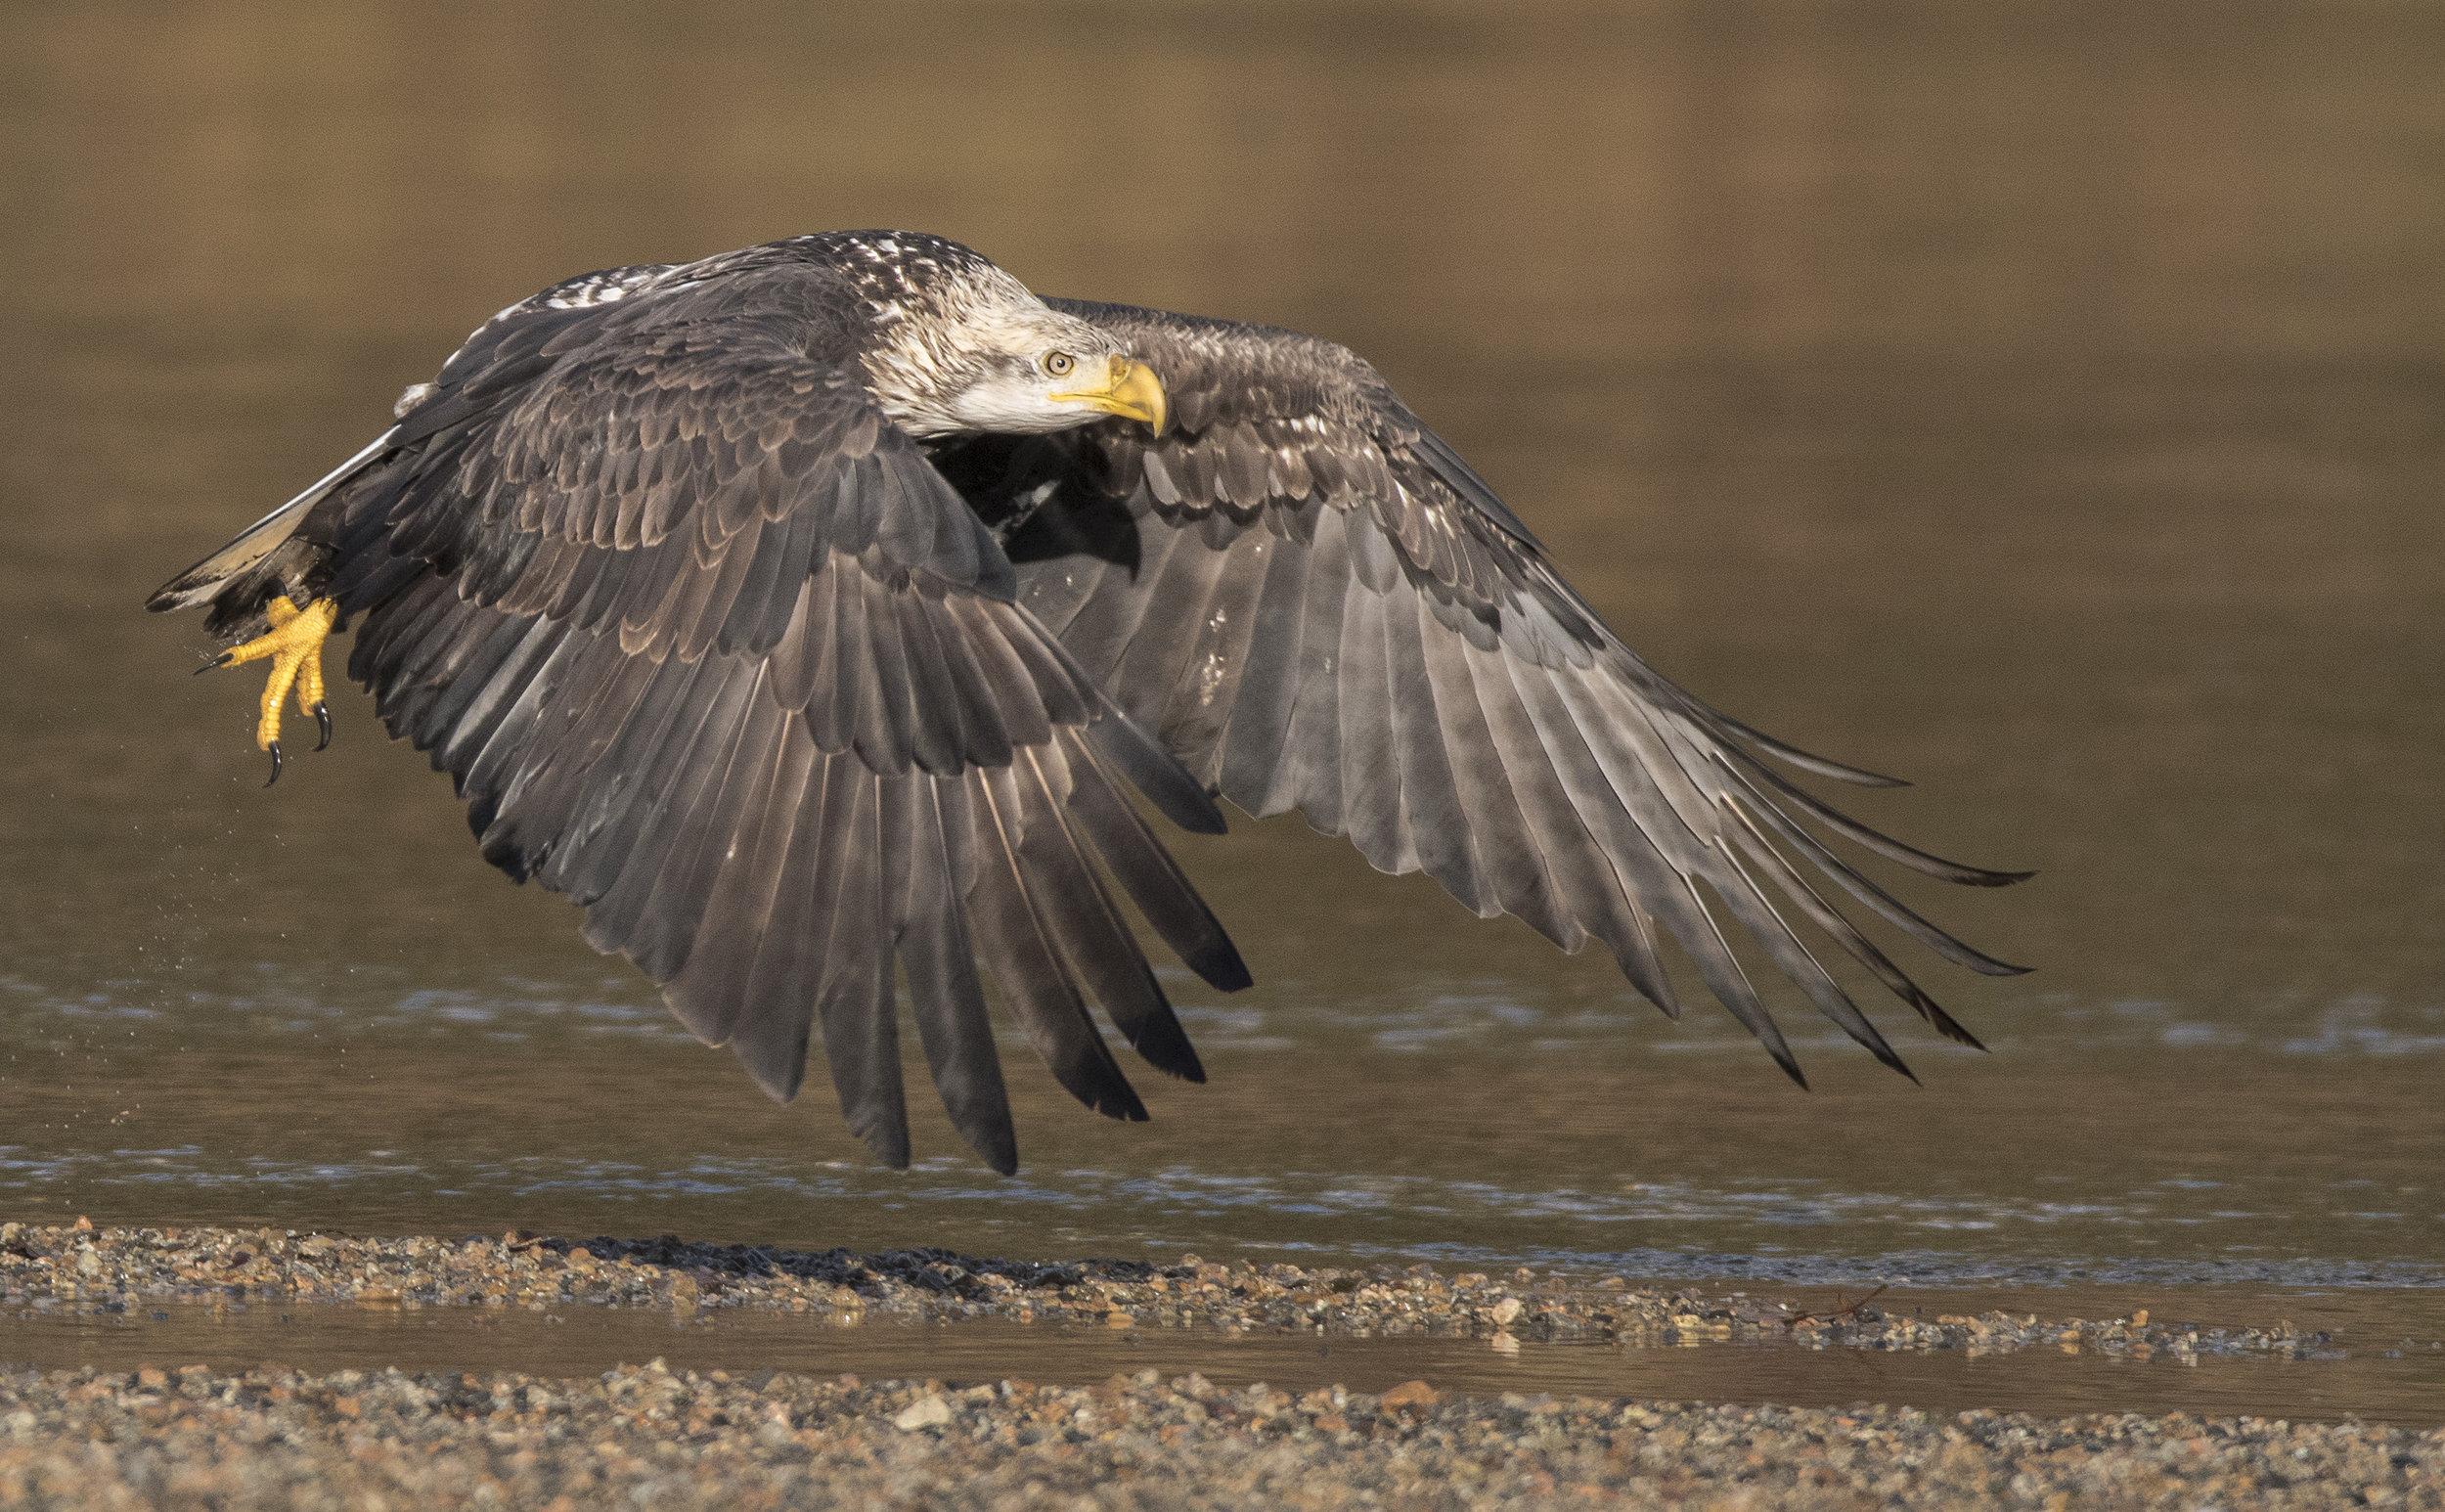 bald eagle in flight at Fraer valley eagle festival.jpg